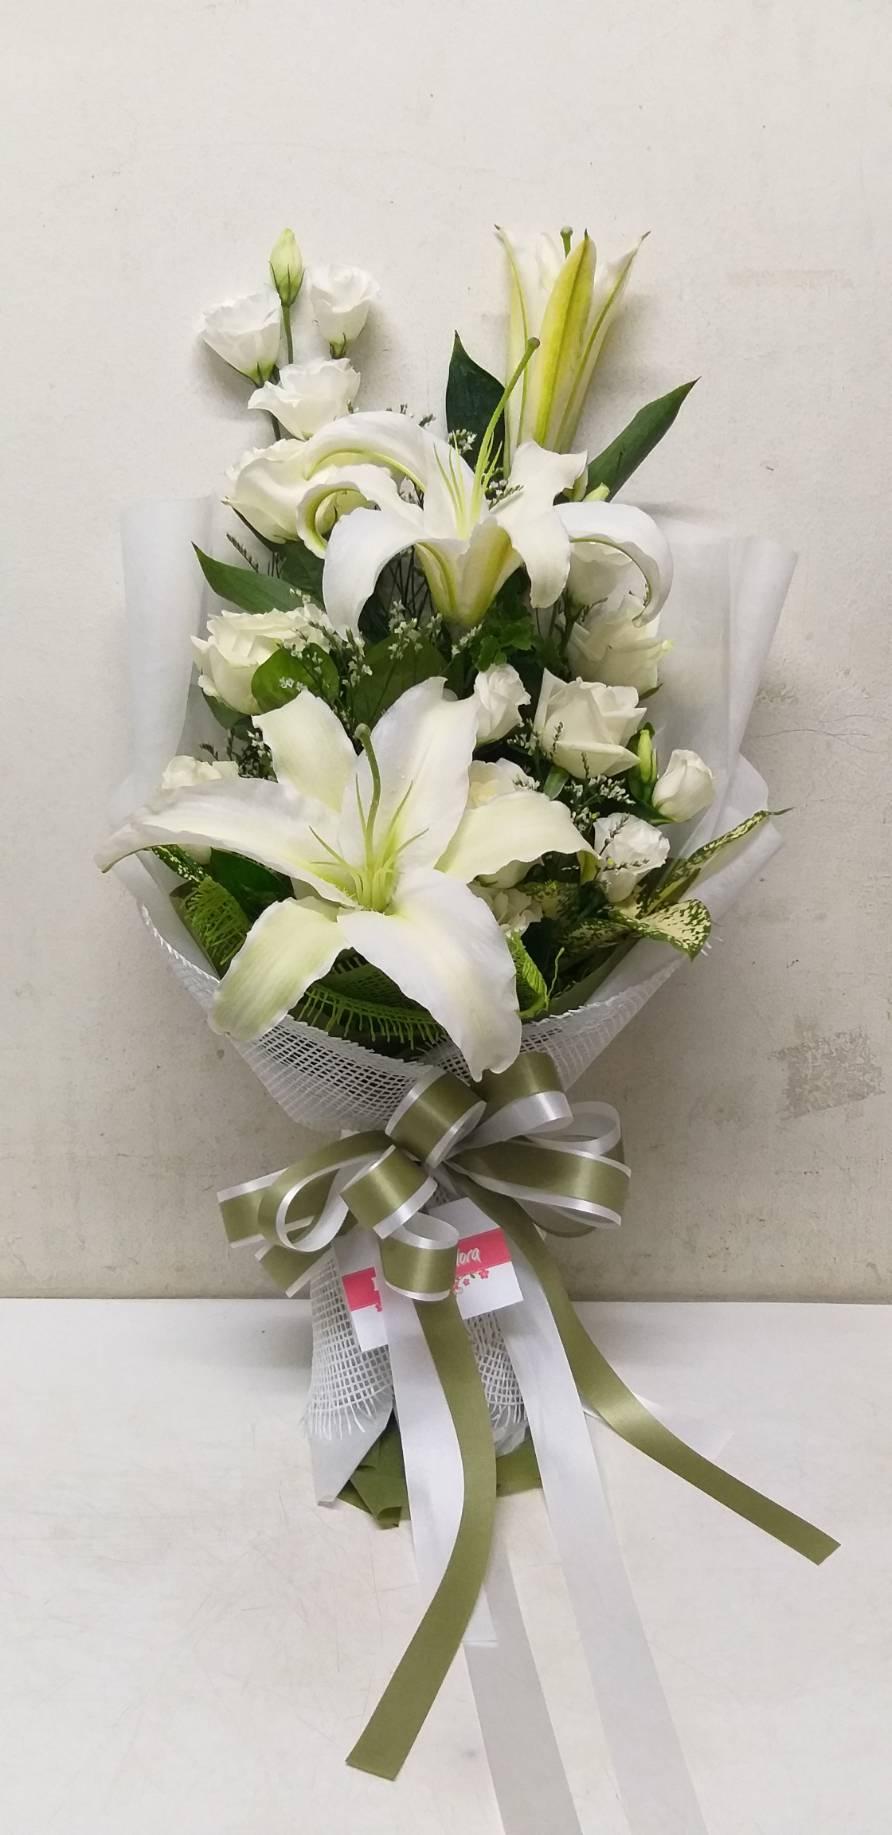 ดอกกุหลาบและดอกลิลลี่สีขาว ถูกจัดรวมกันเป็นช่อเดียวอย่างสวยงามและมีเสน่ห์